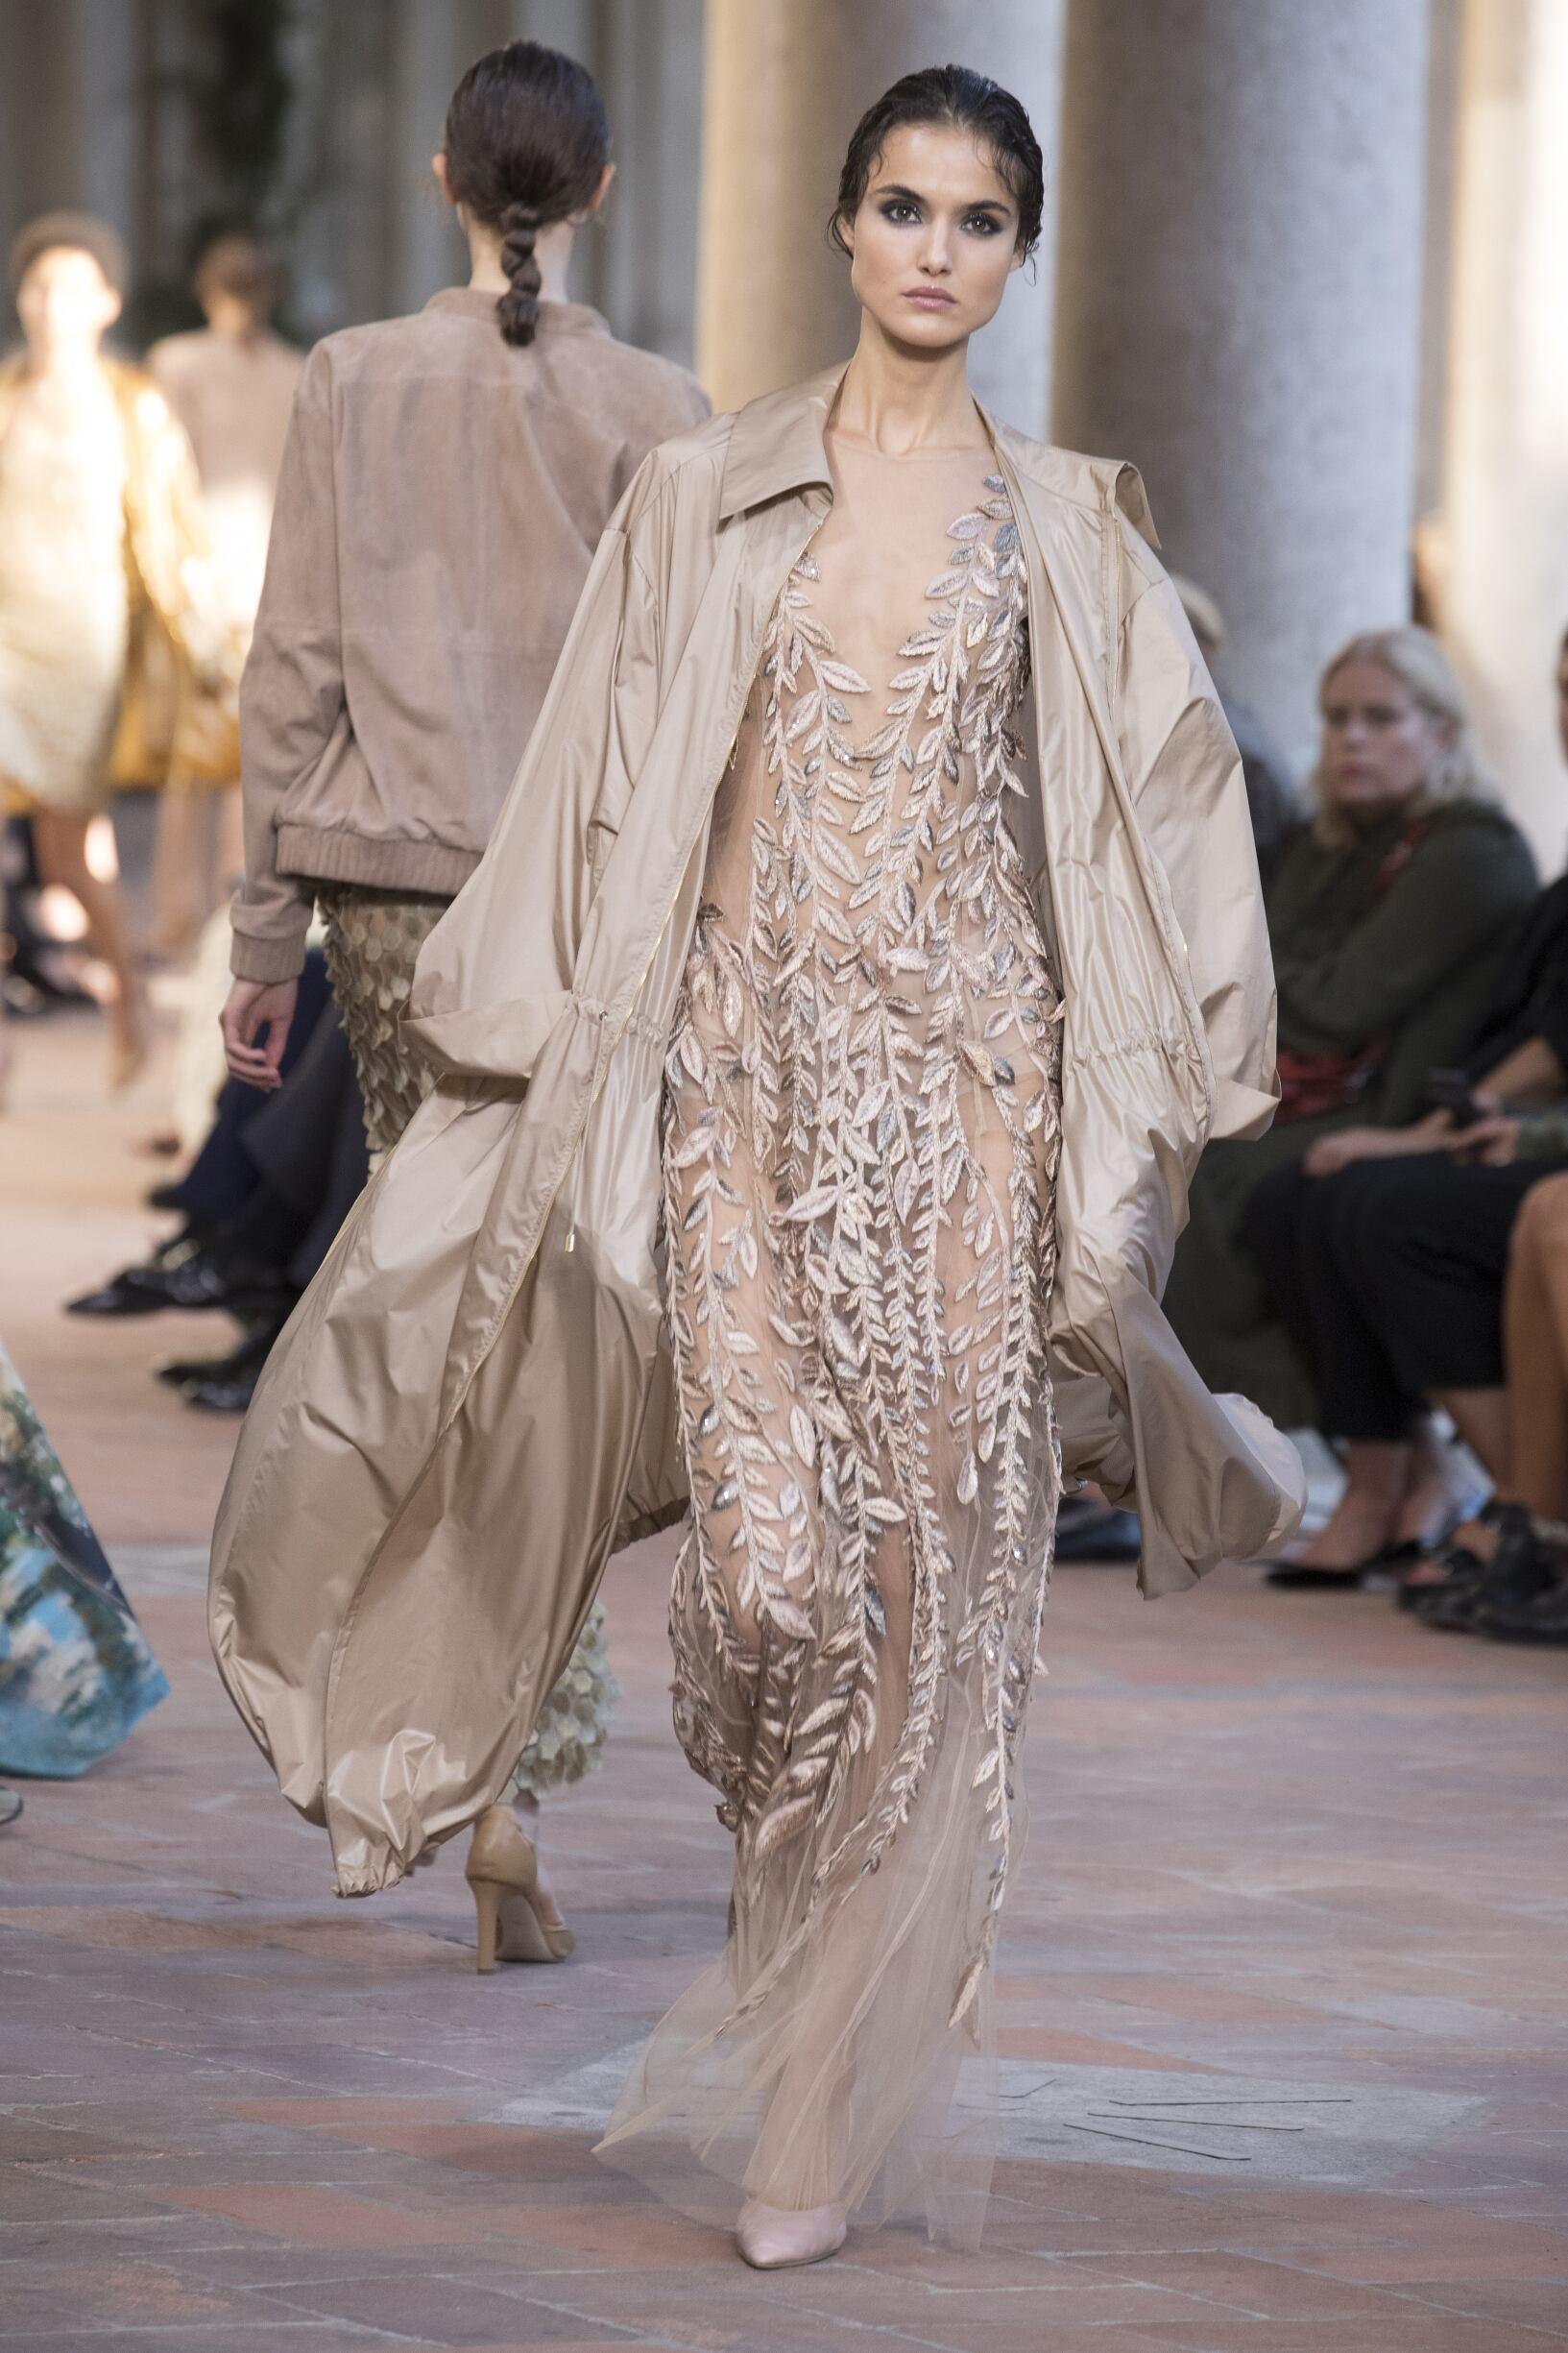 Spring Fashion Trends 2018 Alberta Ferretti